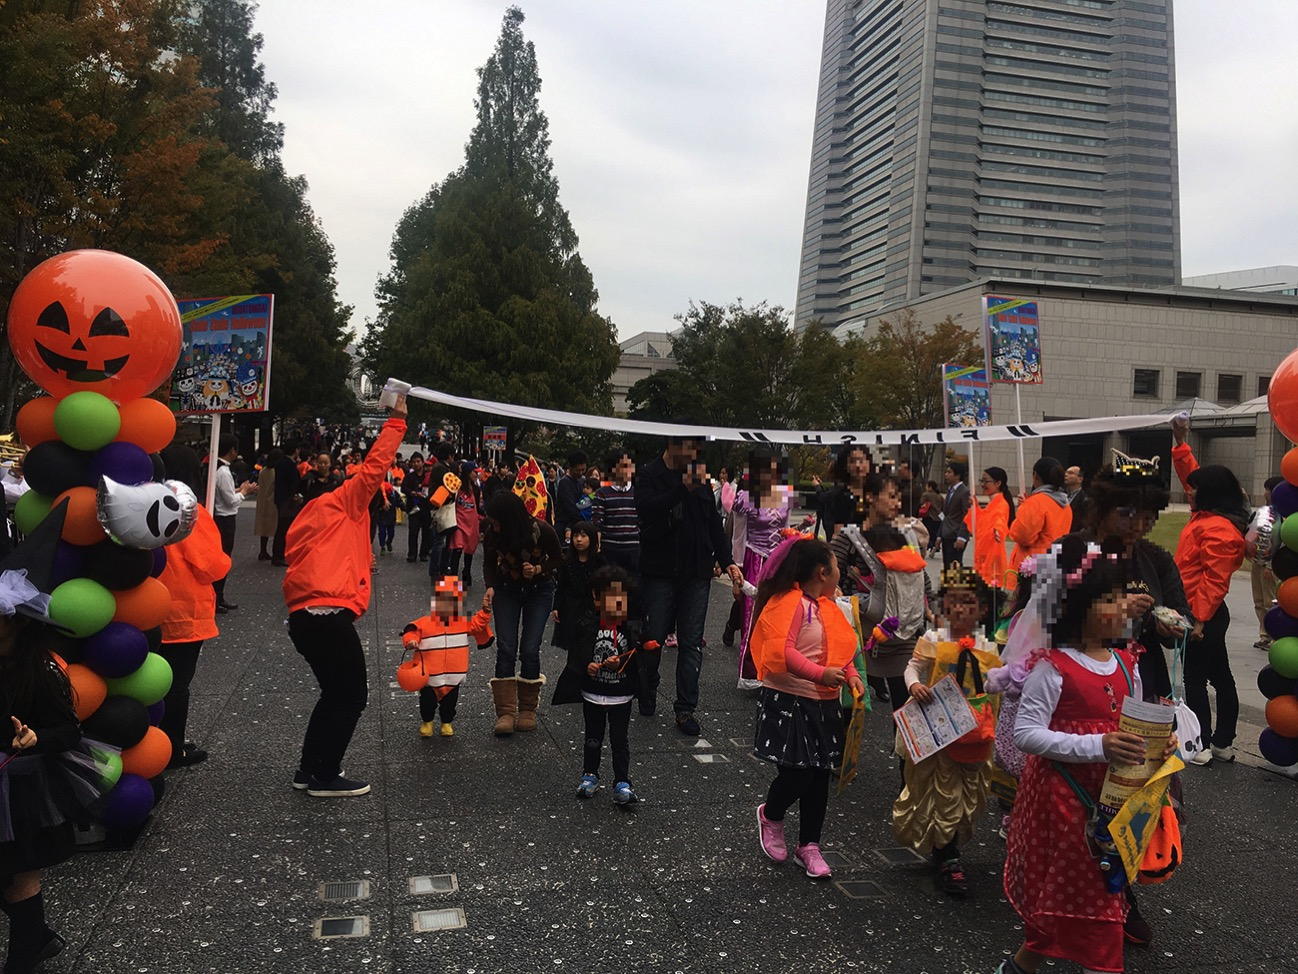 ハロウィンパレード 昨年の様⼦